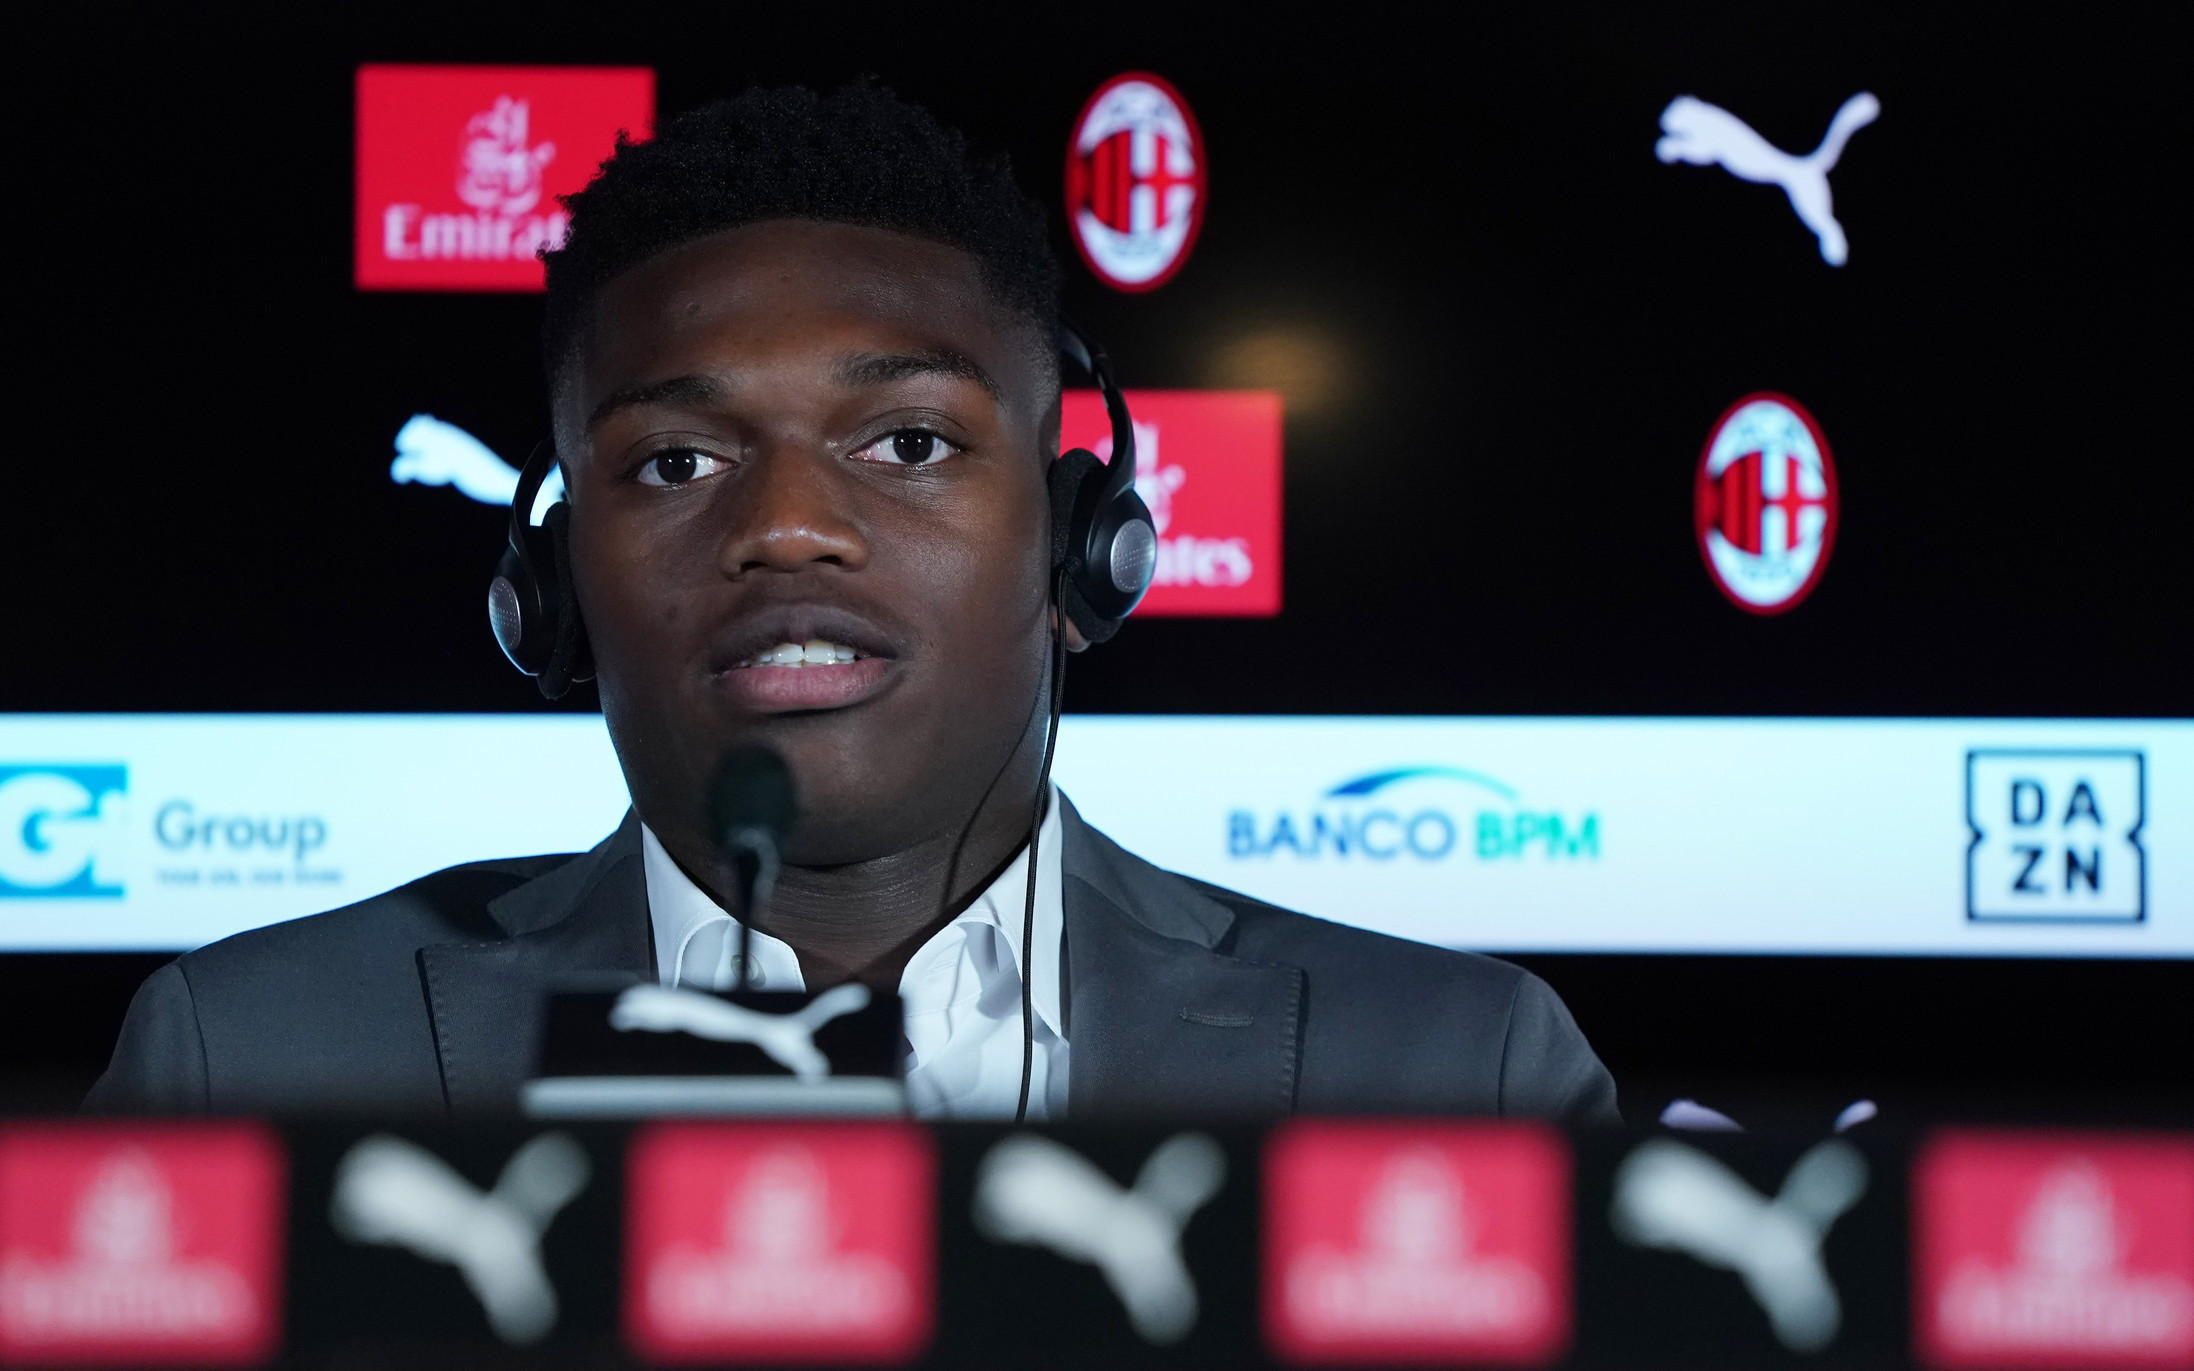 Prime parole ufficiali da giocatori del Milan